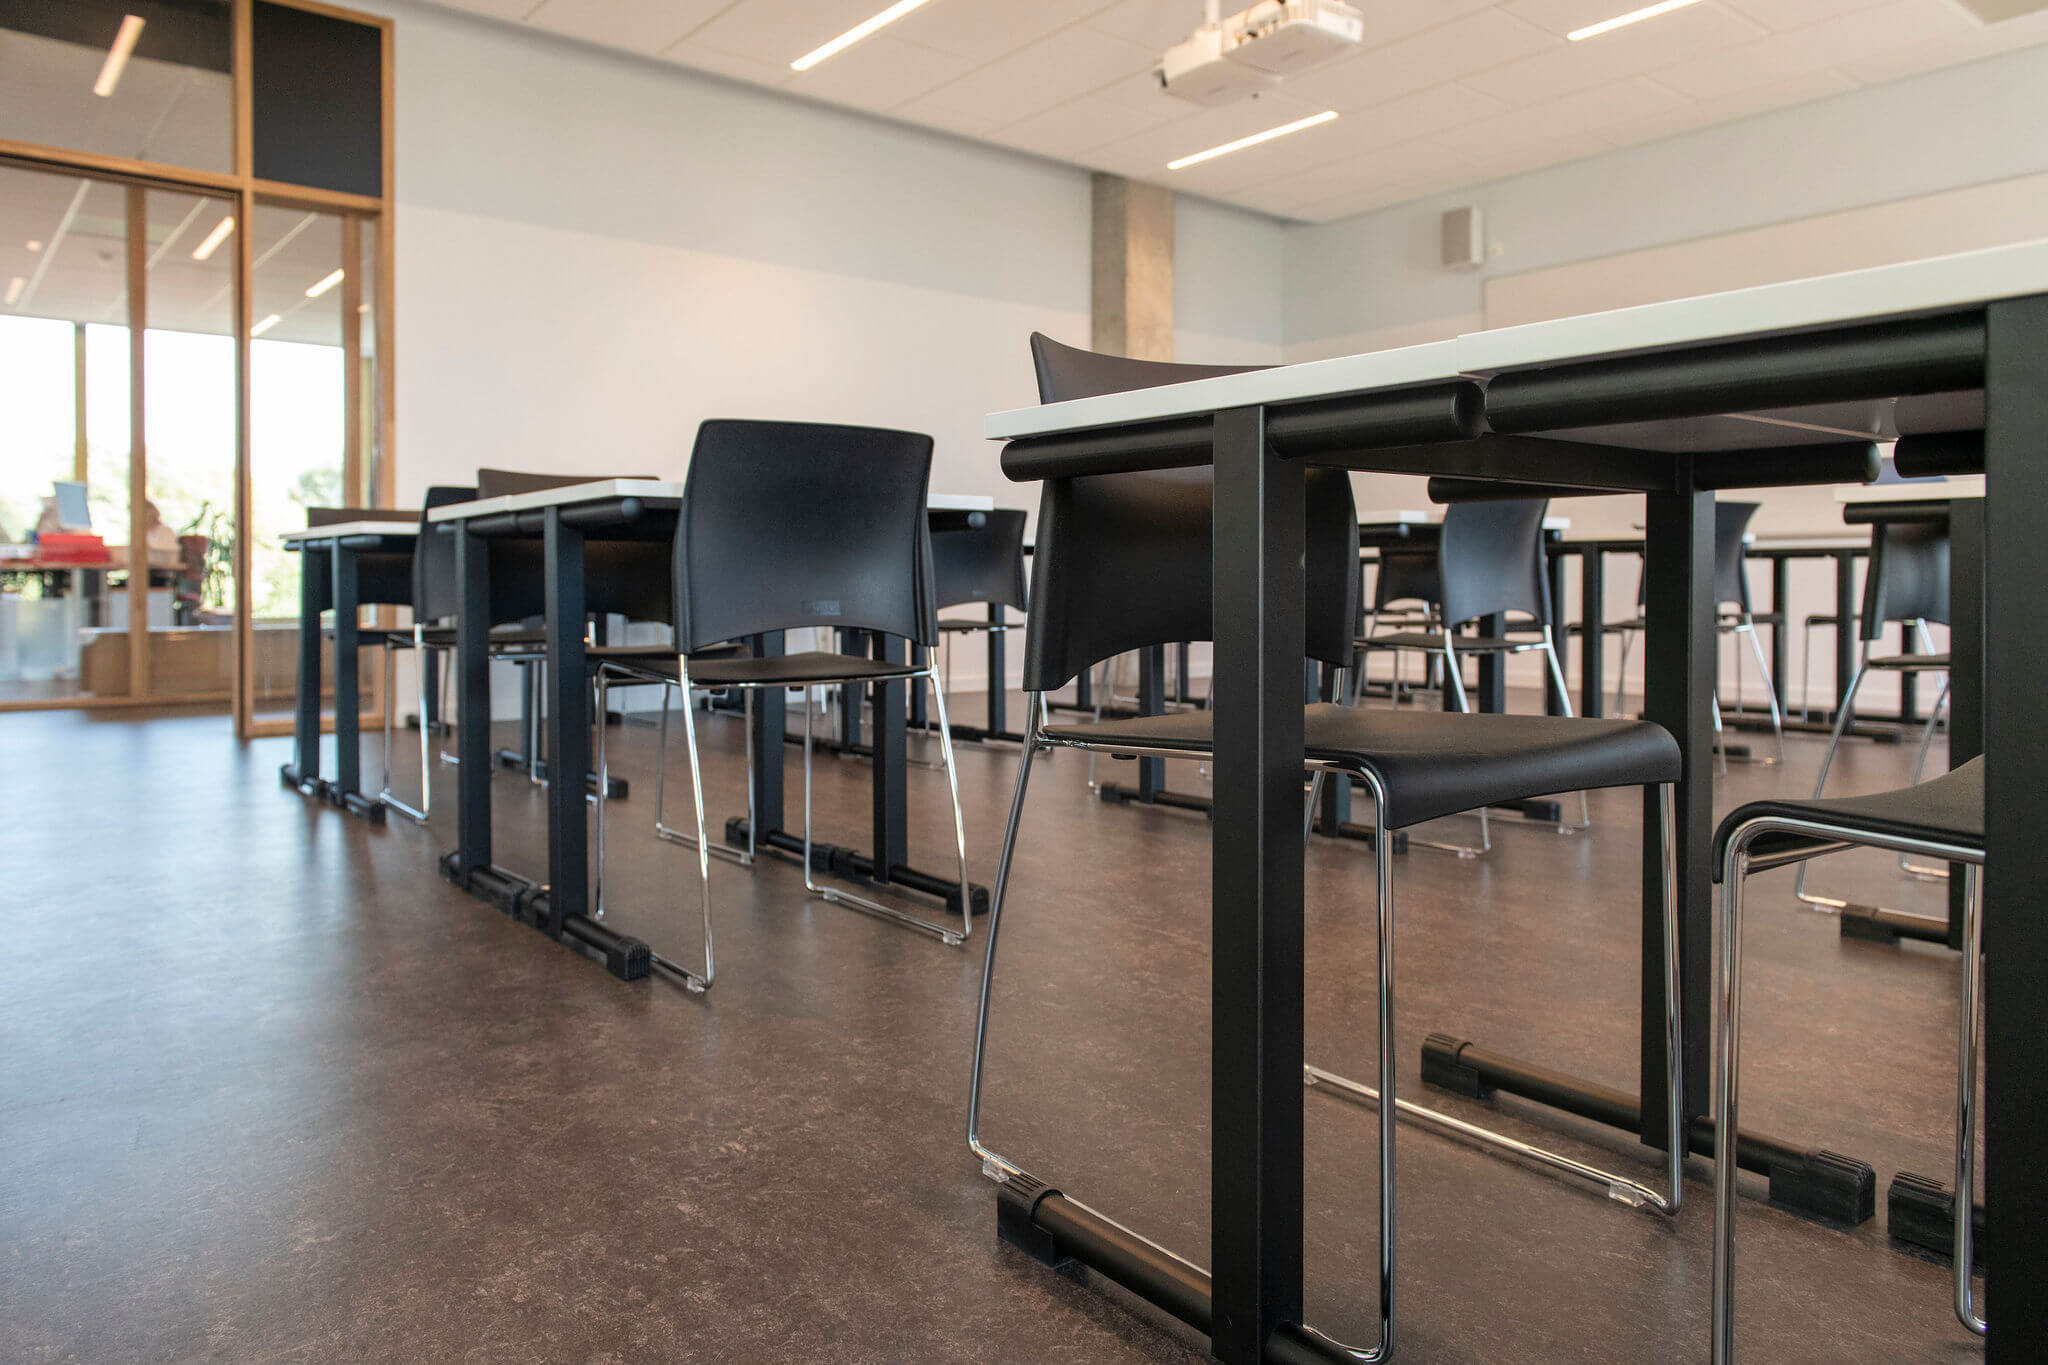 Leslokaal bij Vives Kortrijk met stapelbare Sting stoelen en leerlingentafels